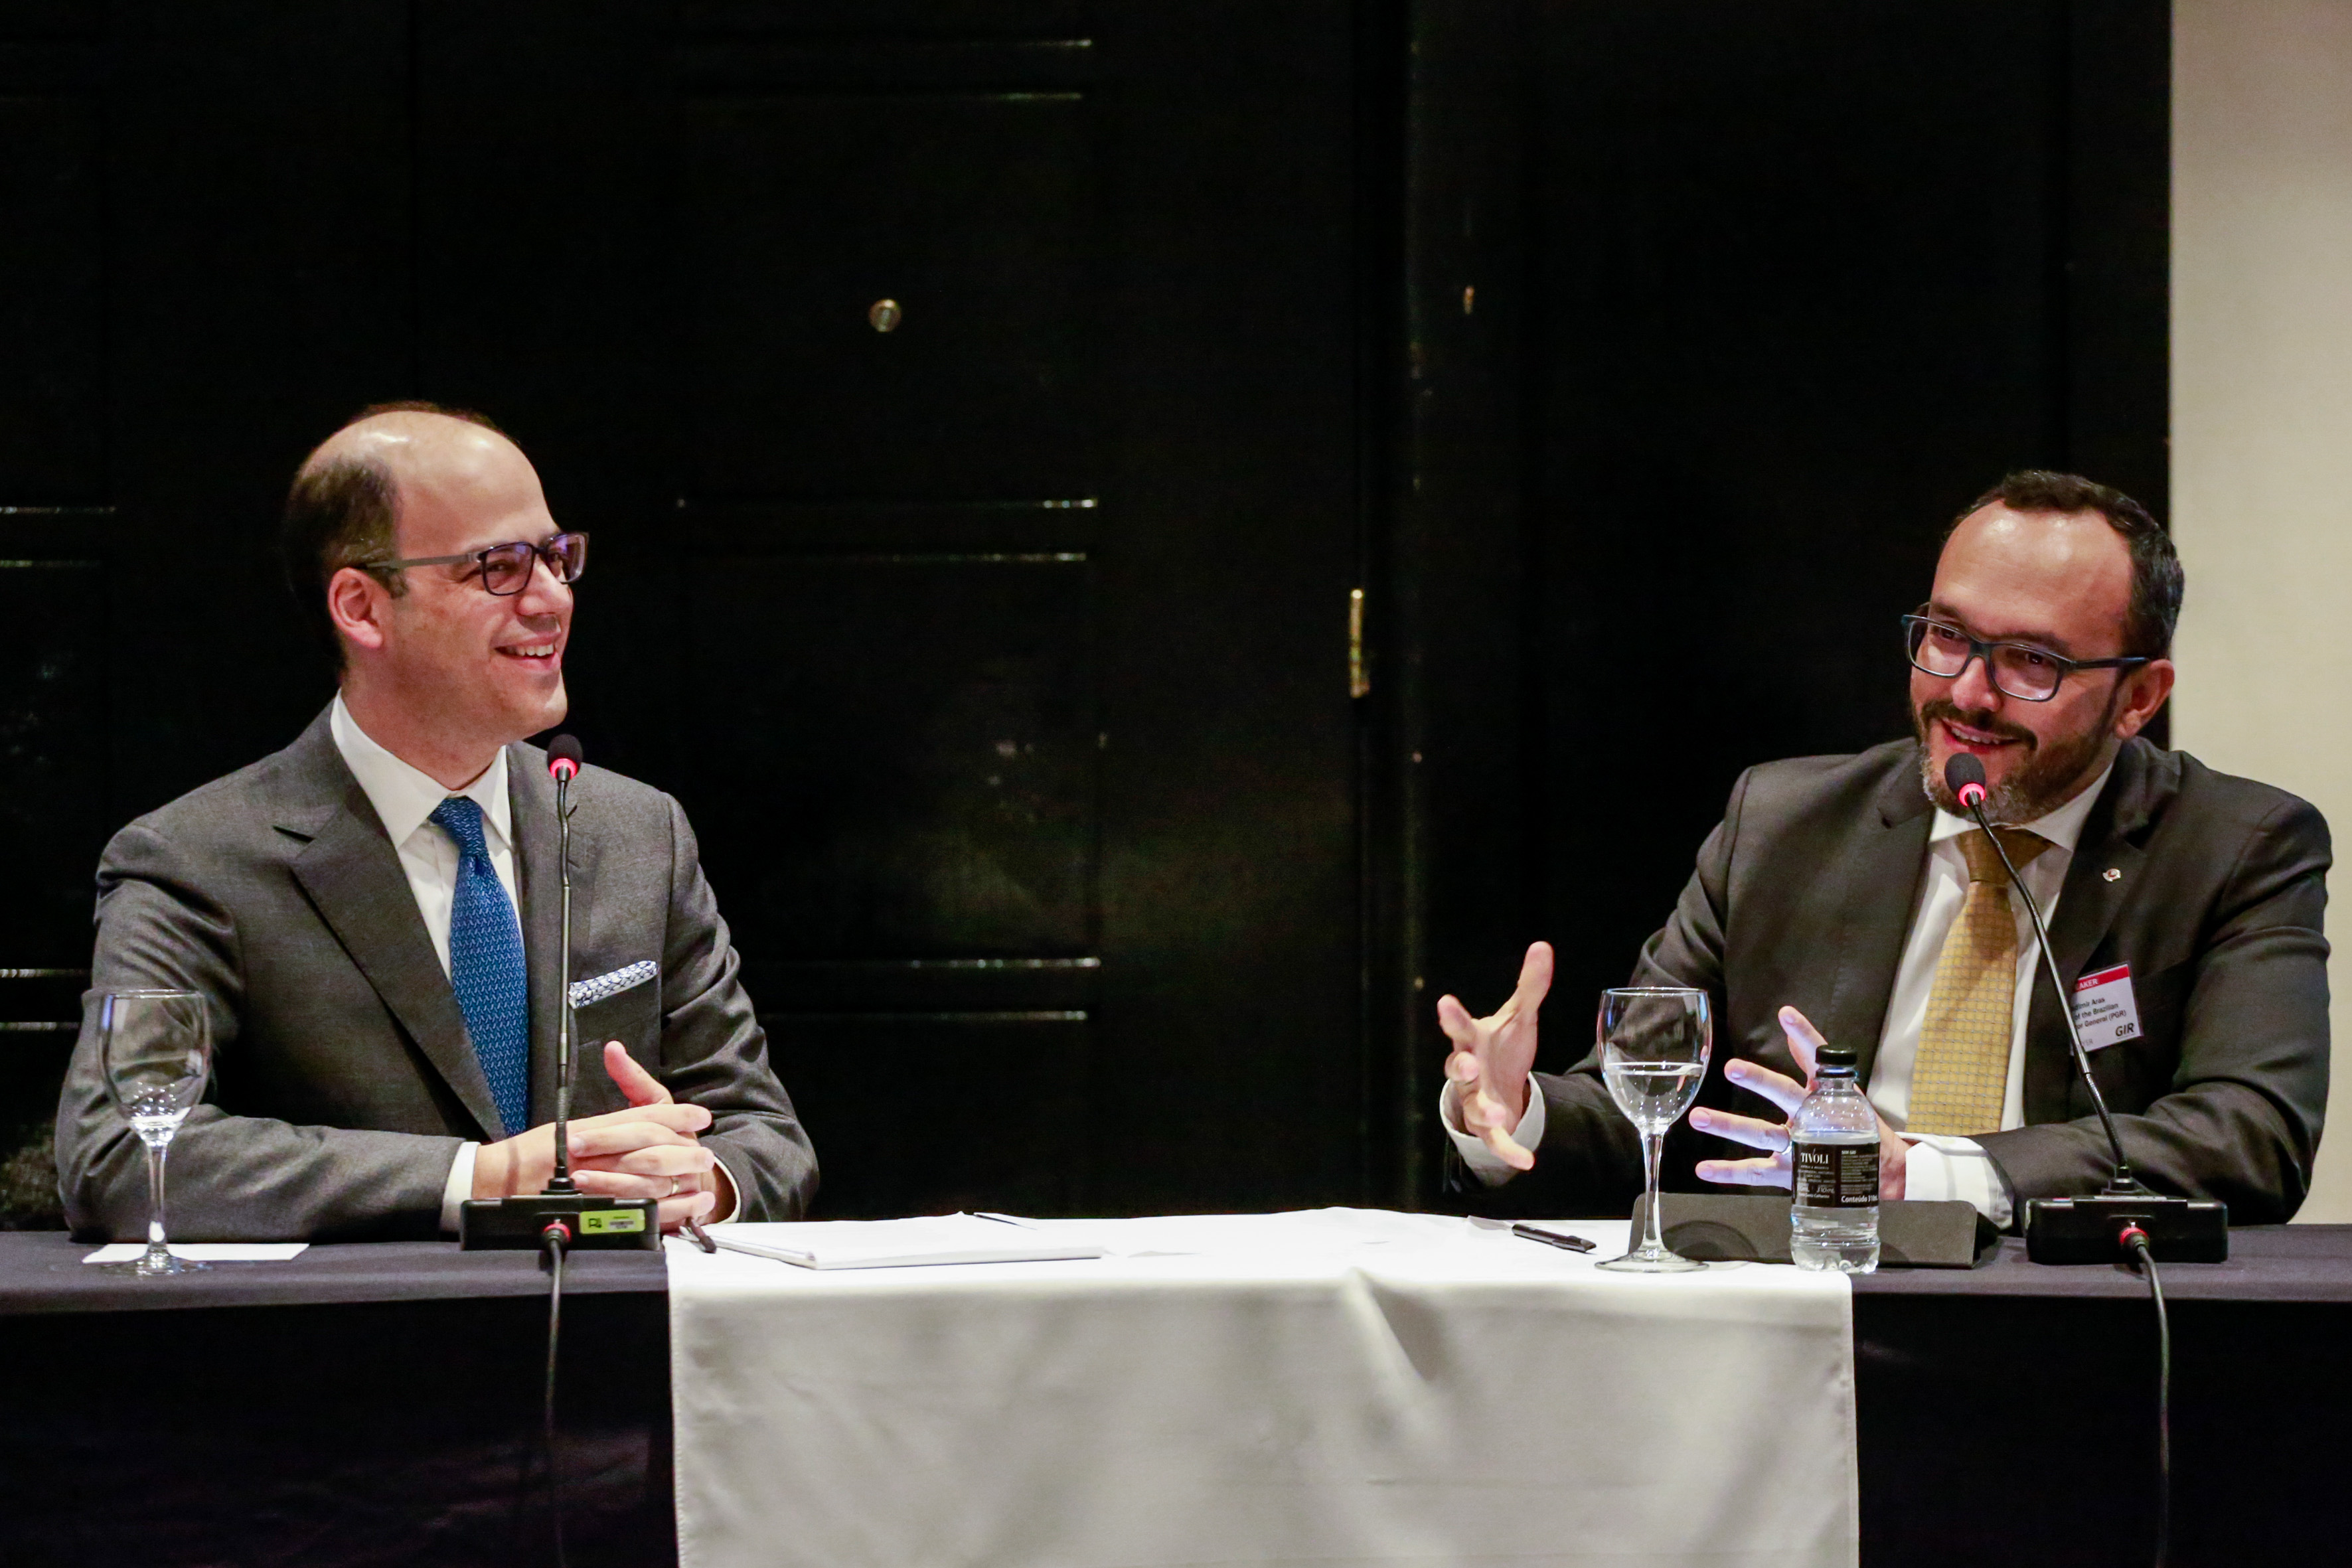 Andrew Levine and Vladimir Aras